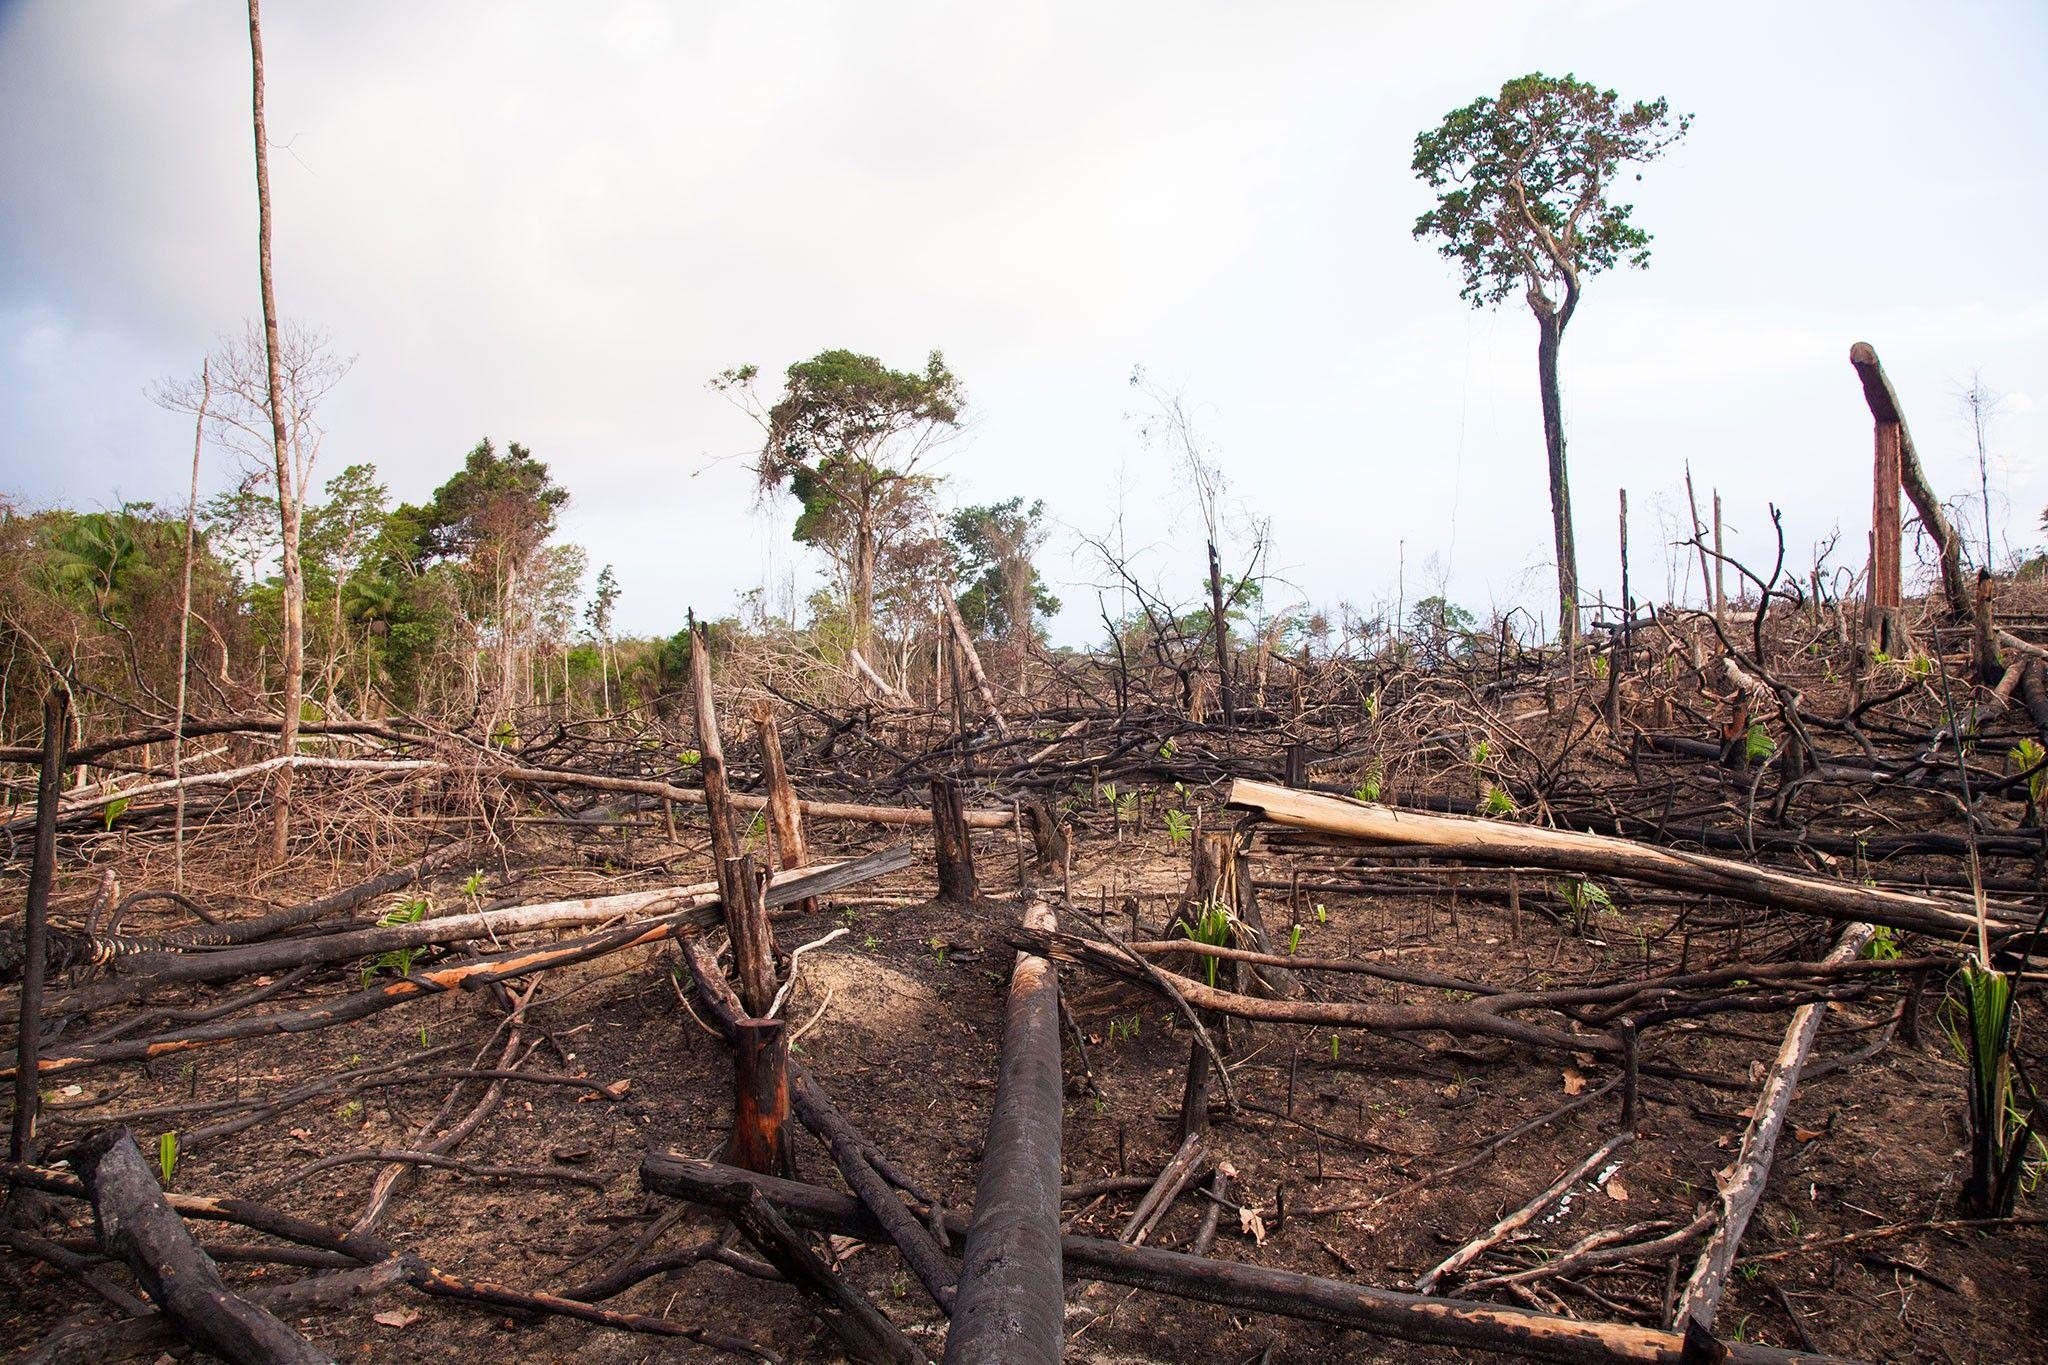 Desmatamento está causando aumento de doenças infecciosas em humanos | National Geographic